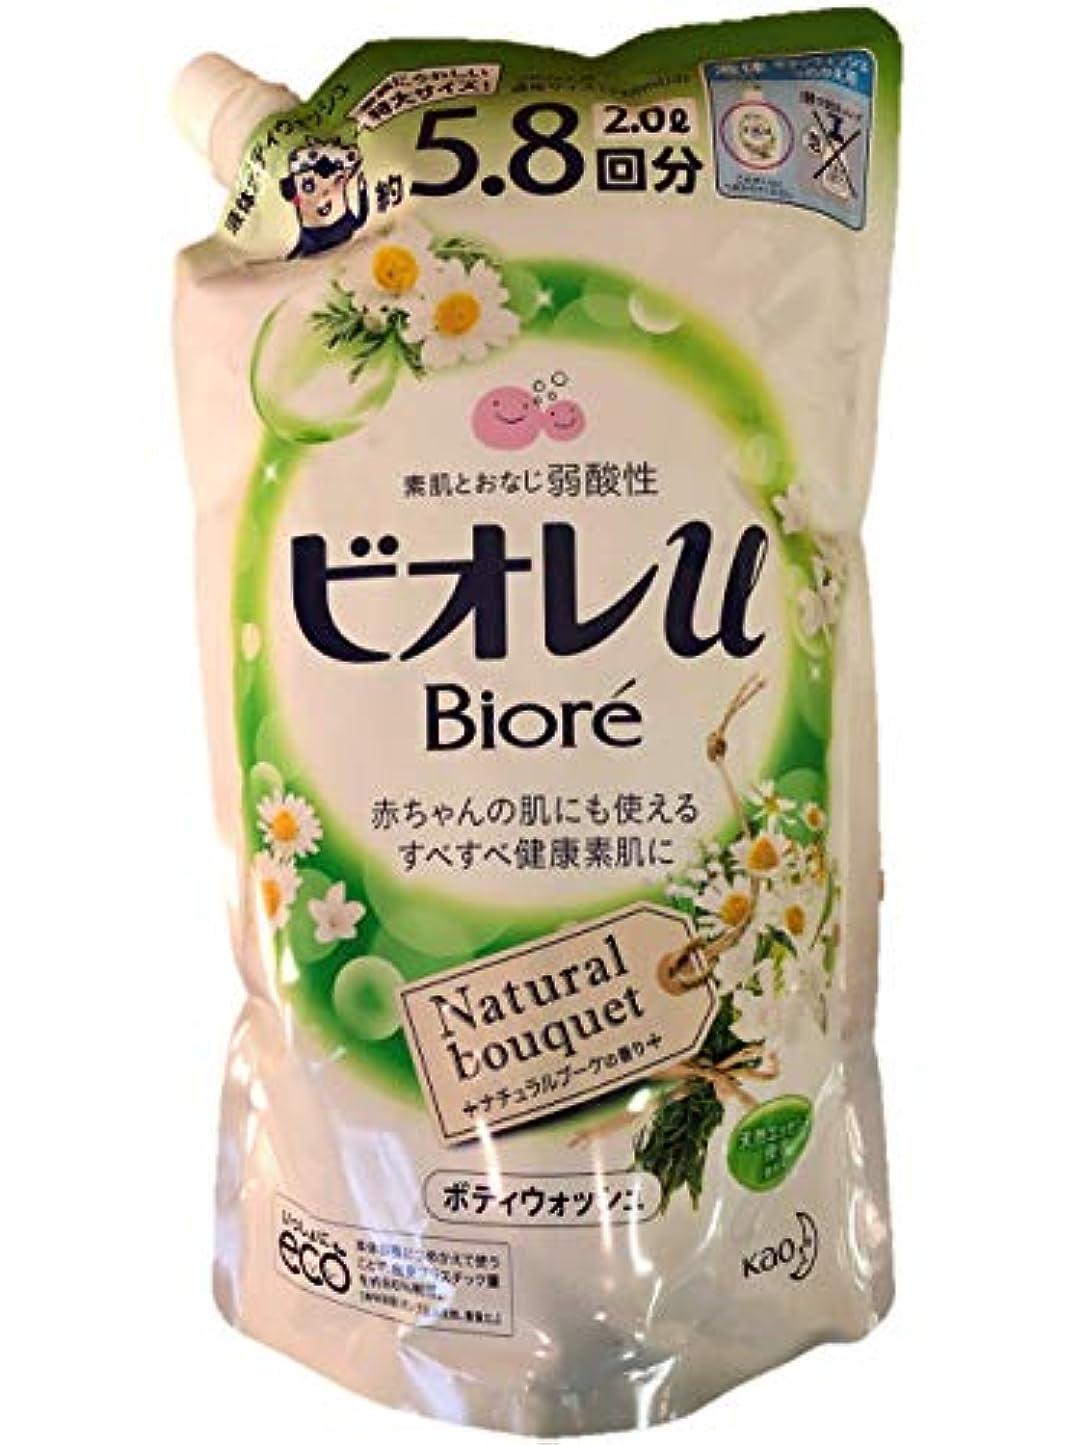 例示する薬理学致命的【大容量】ビオレu 詰め替え用 ナチュラルブーケの香り 5.8回分 2L